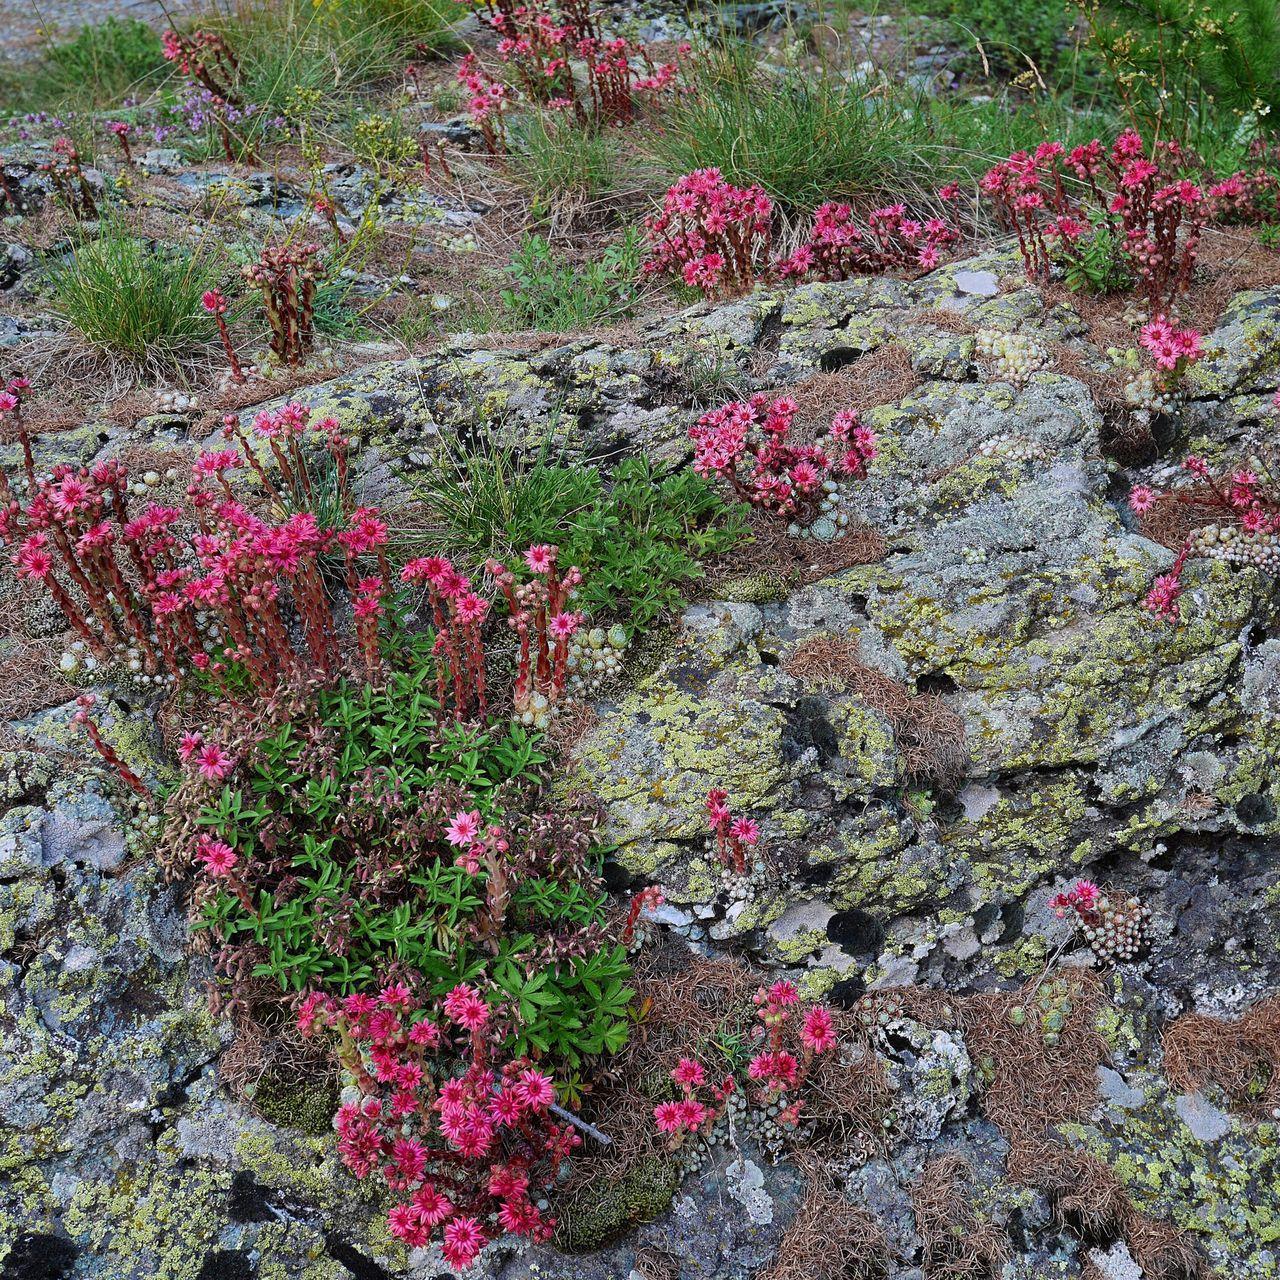 Pink wildflowers growing on field